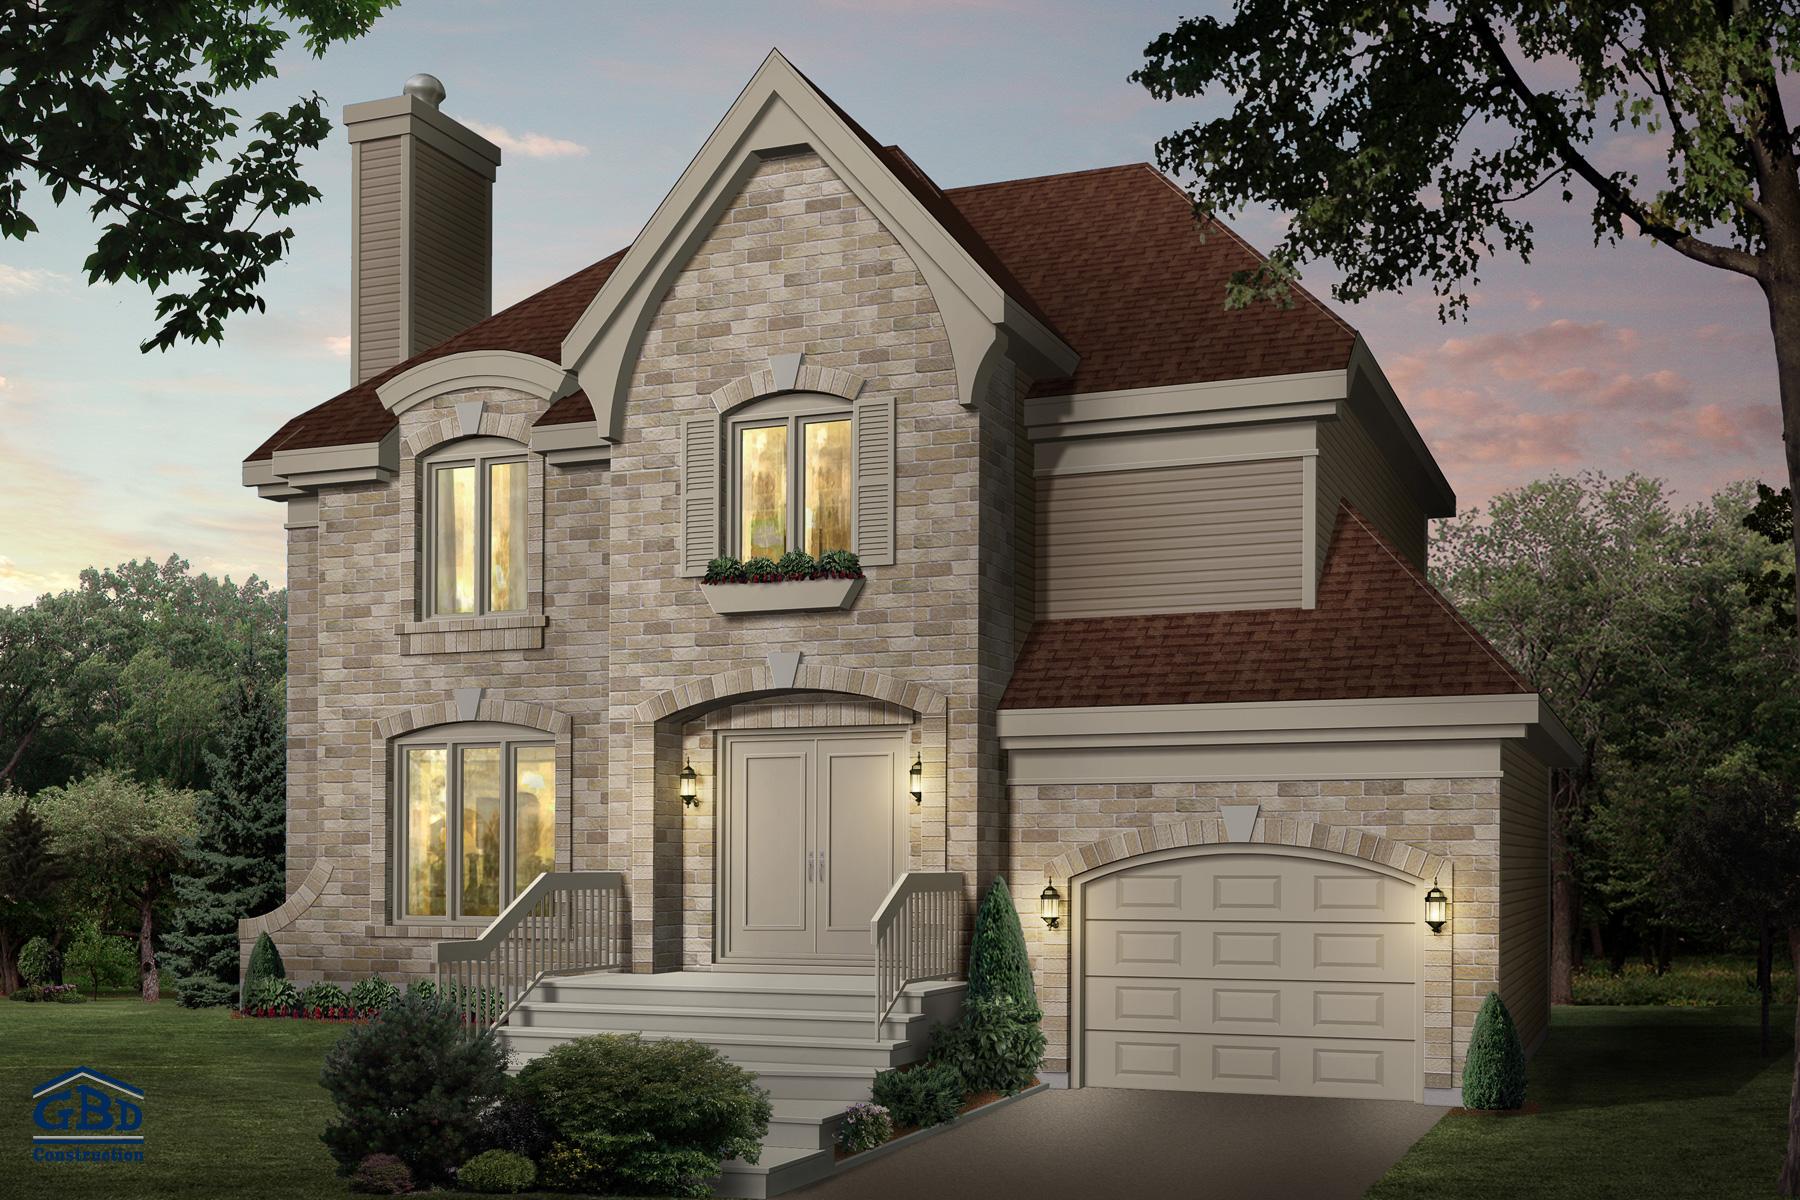 Étonnante - Maison neuve à deux étages de type cottage   GBD ... 4b27a1bc6e69